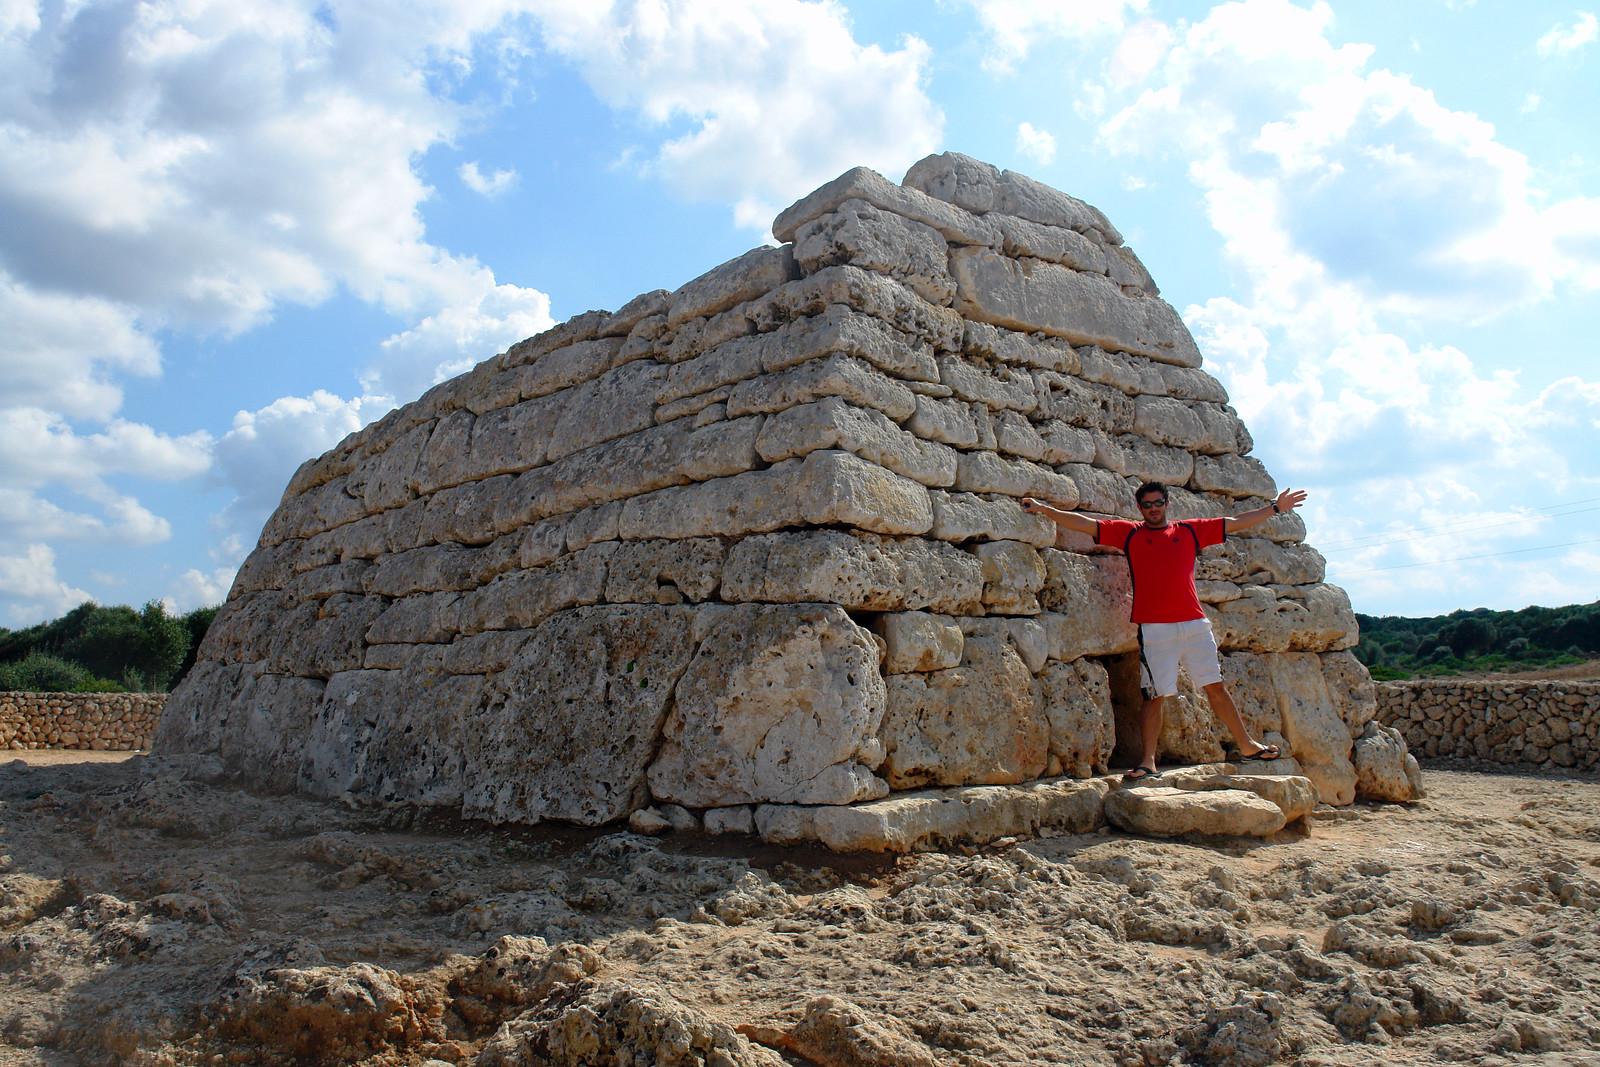 Qué ver en Menorca, Islas Baleares - thewotme qué ver en menorca - 50046797286 7e6e9e90d3 h - Qué ver en Menorca, lugares a NO perderse